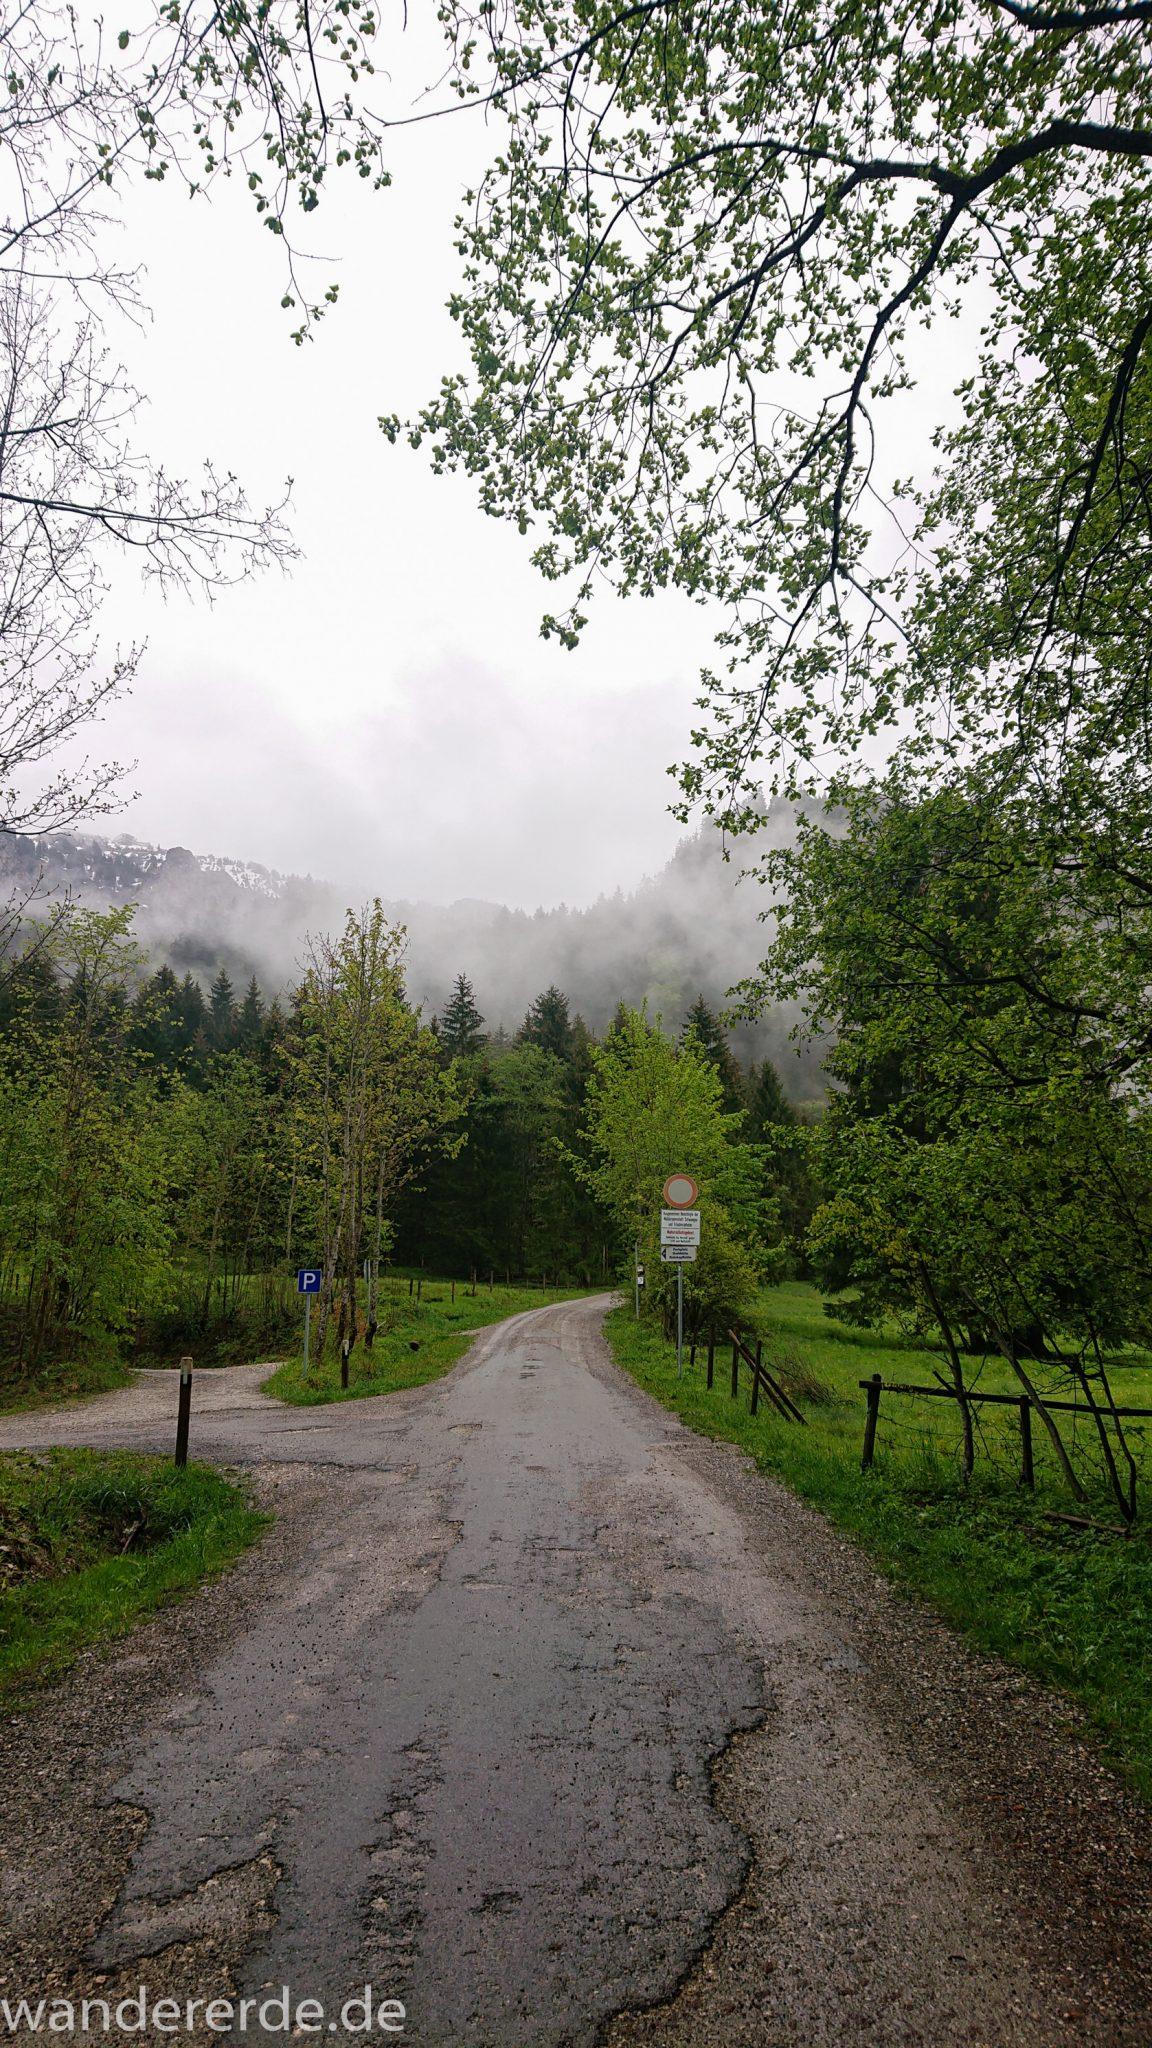 Tegelbergkopf Wanderung bei Stadt Füssen – Parkplatz Drehhütte bis Rohrkopfhütte, Start der Wanderung beim Parkplatz Drehhütte, dichte Wolken, regnerisch, dichter grüner Wald